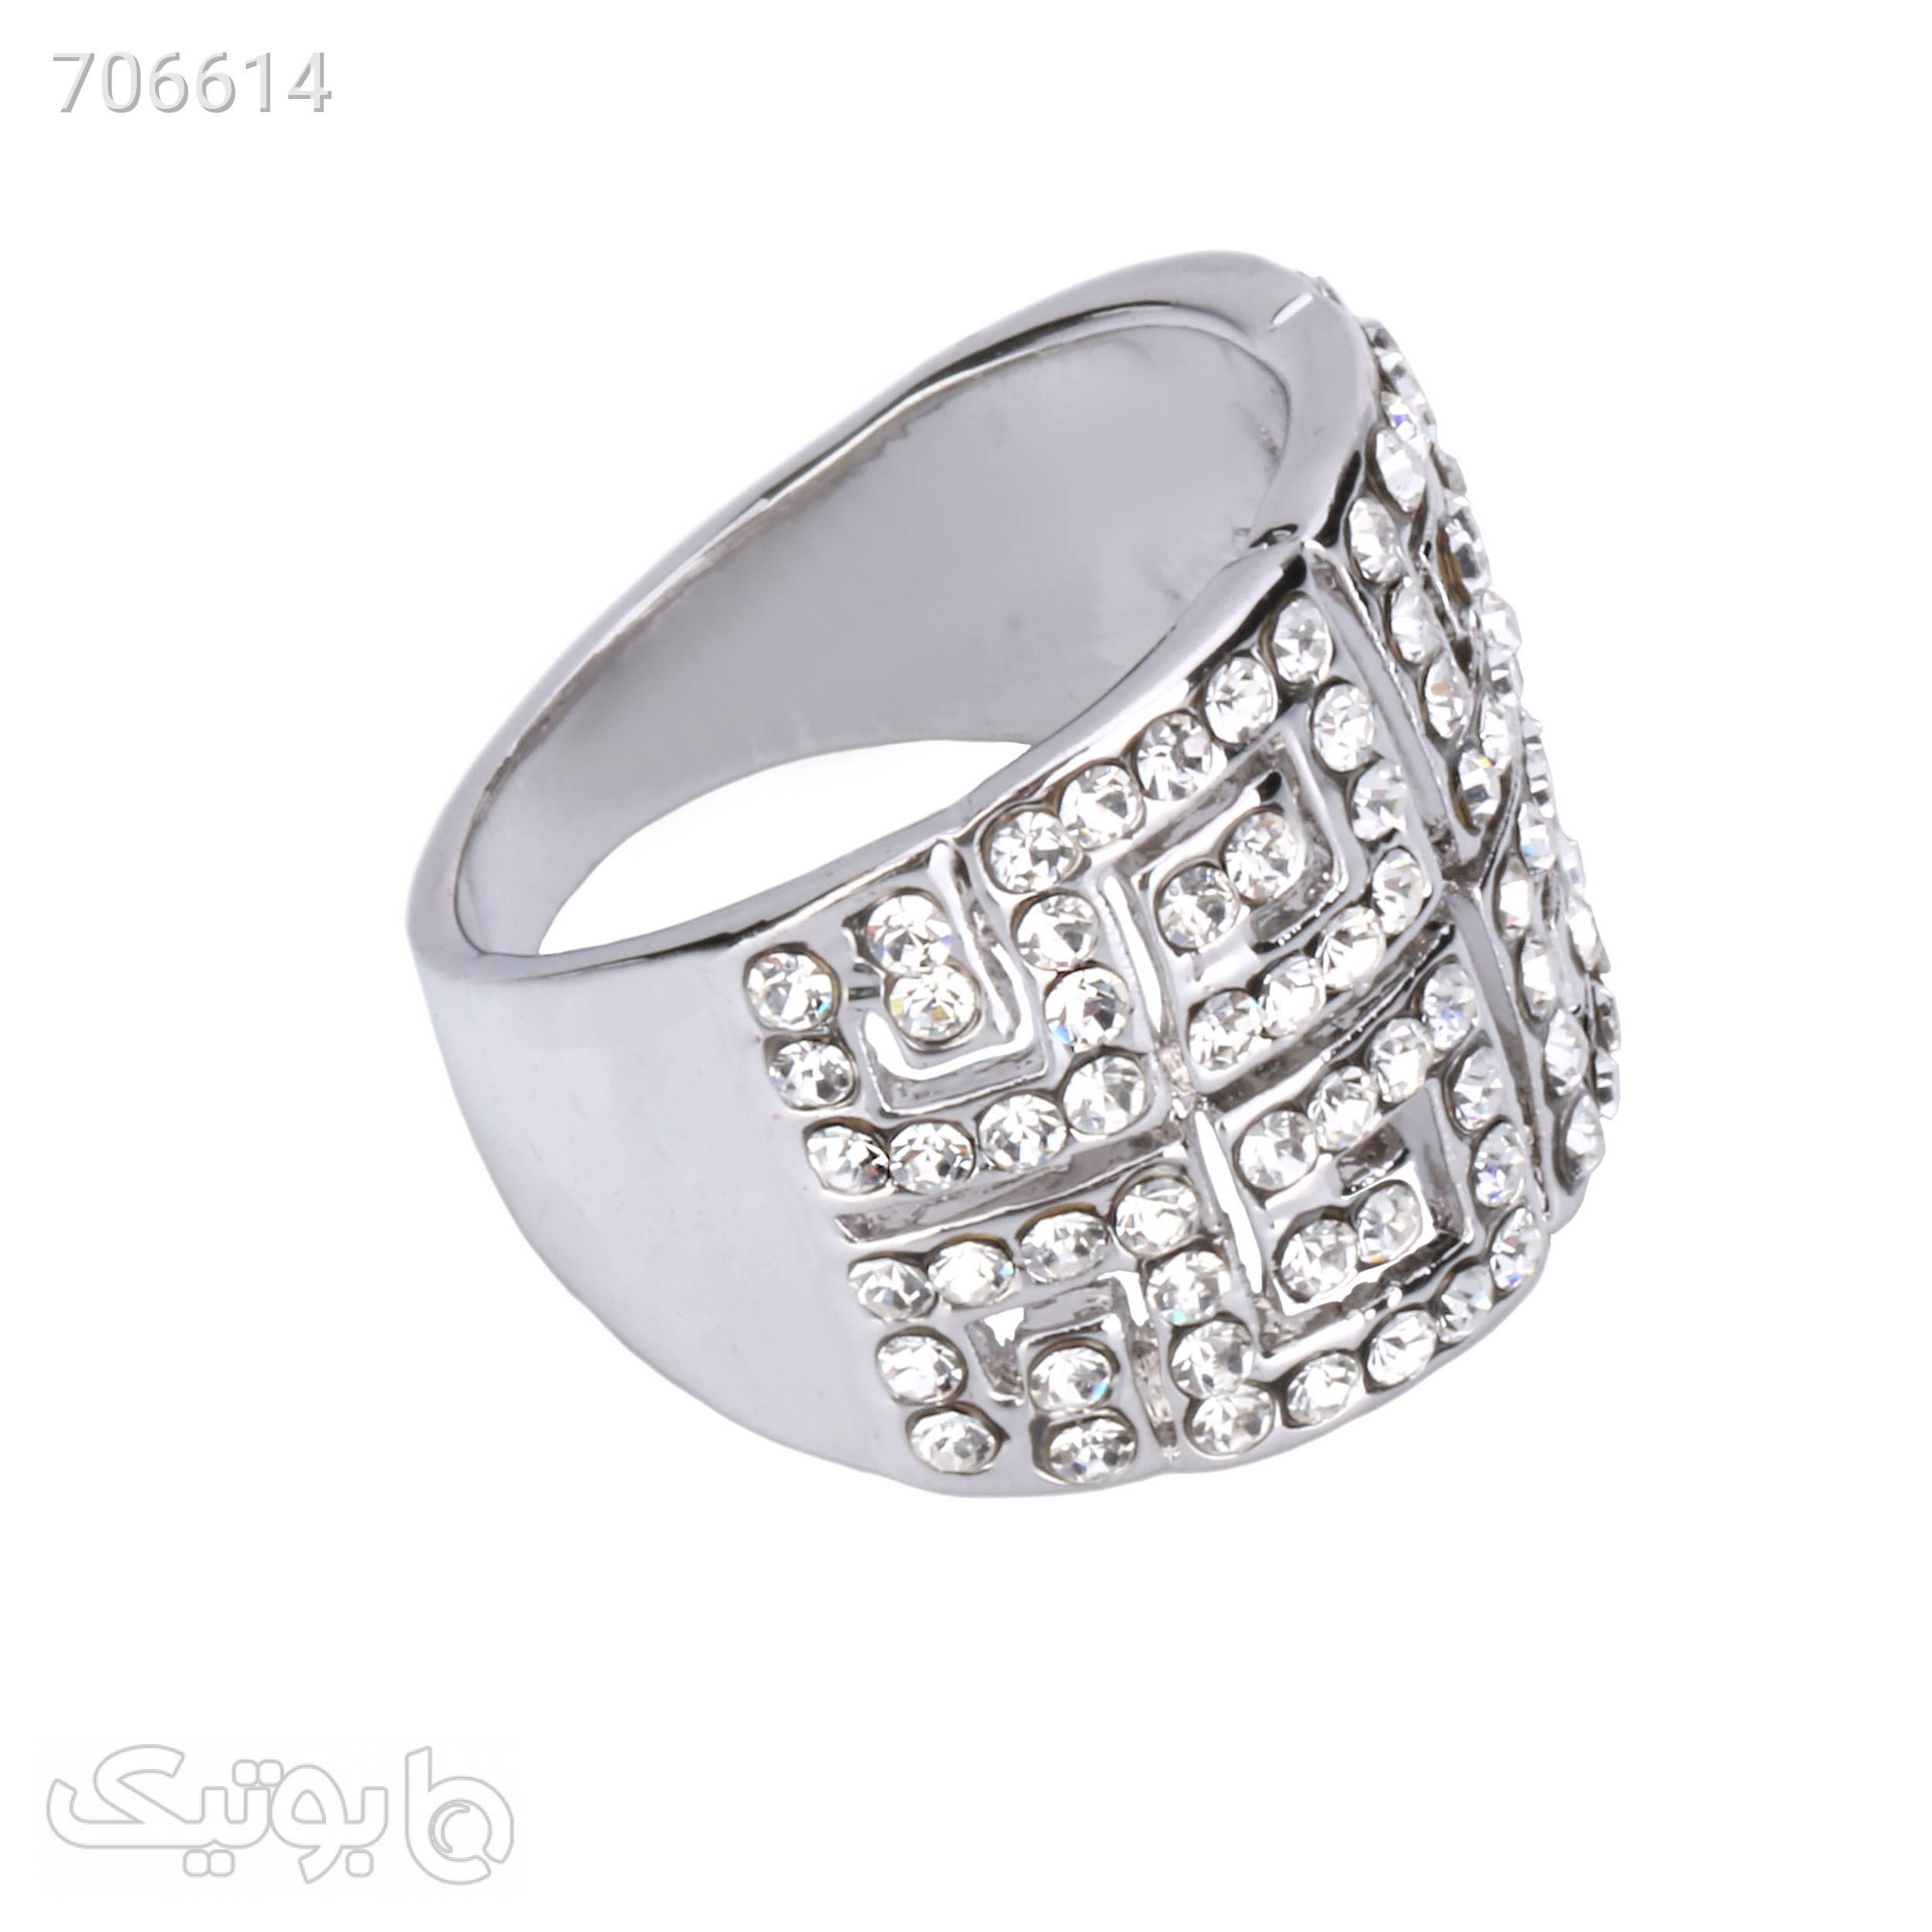 انگشتر زنانه گالری شمرون کد 247S7 نقره ای انگشتر